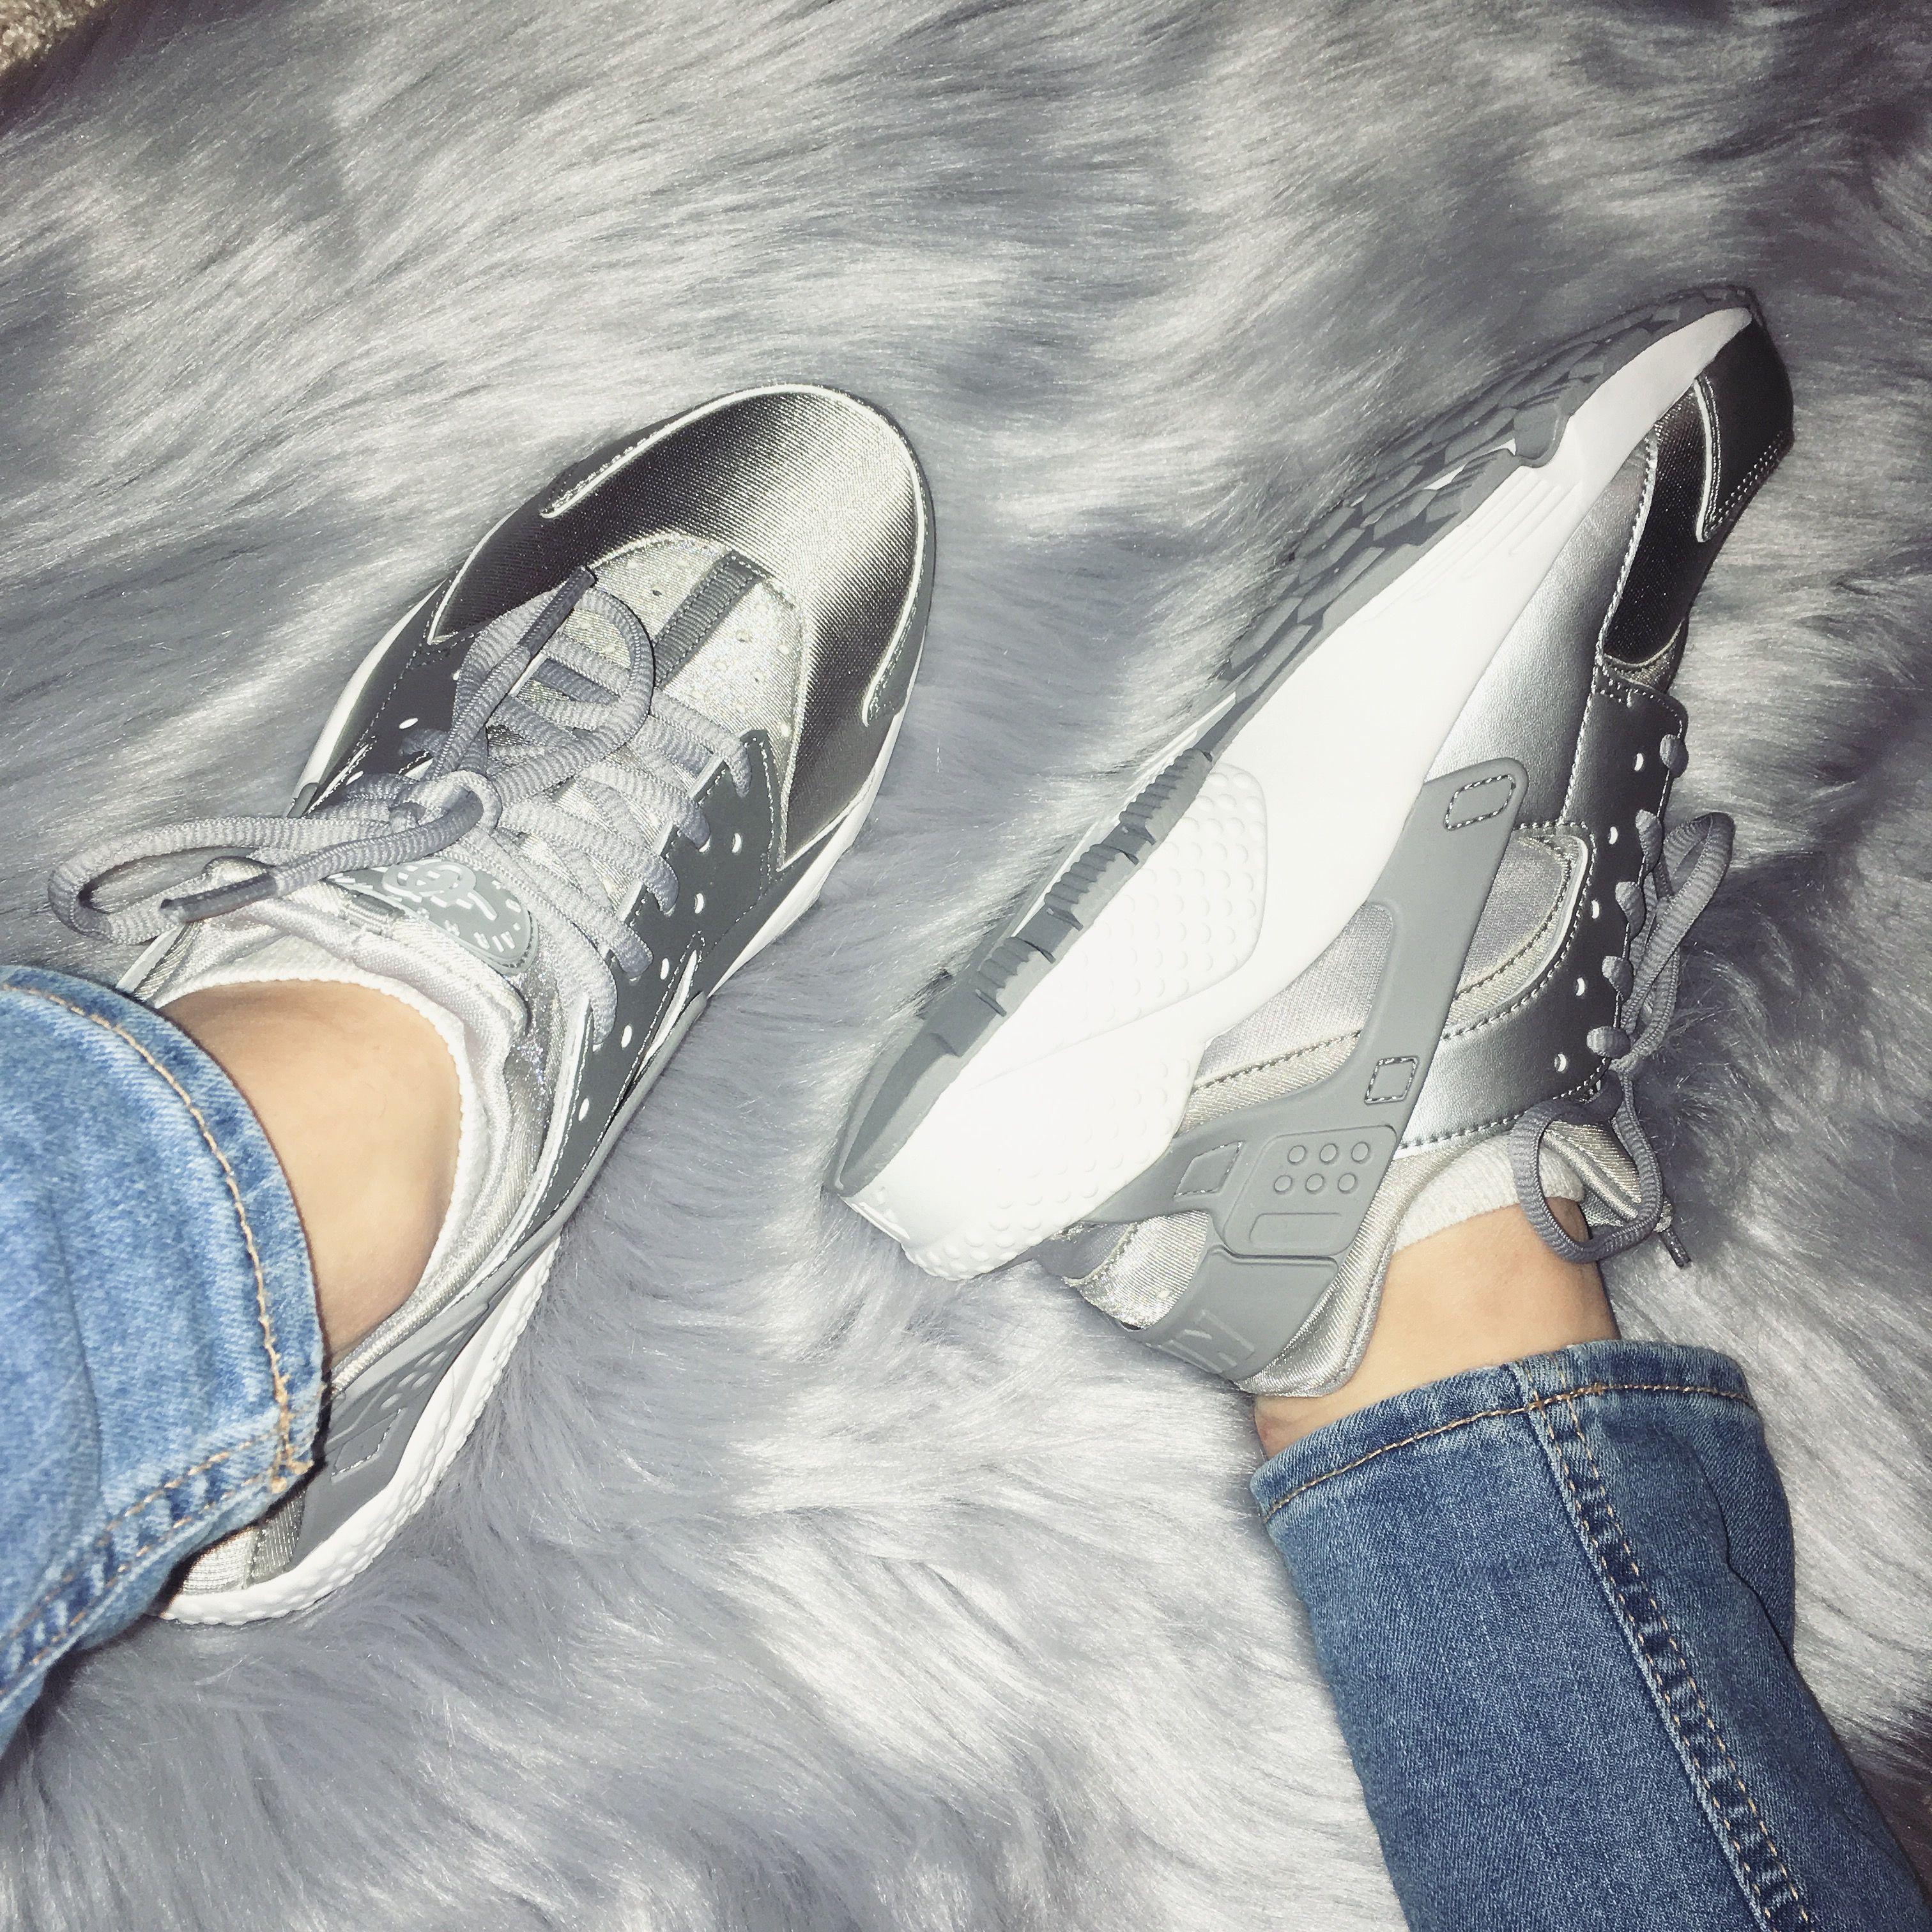 Pinterest: meerilouhivuori ♡ Instagram: meerilouhivuori ✨  #shoes #style